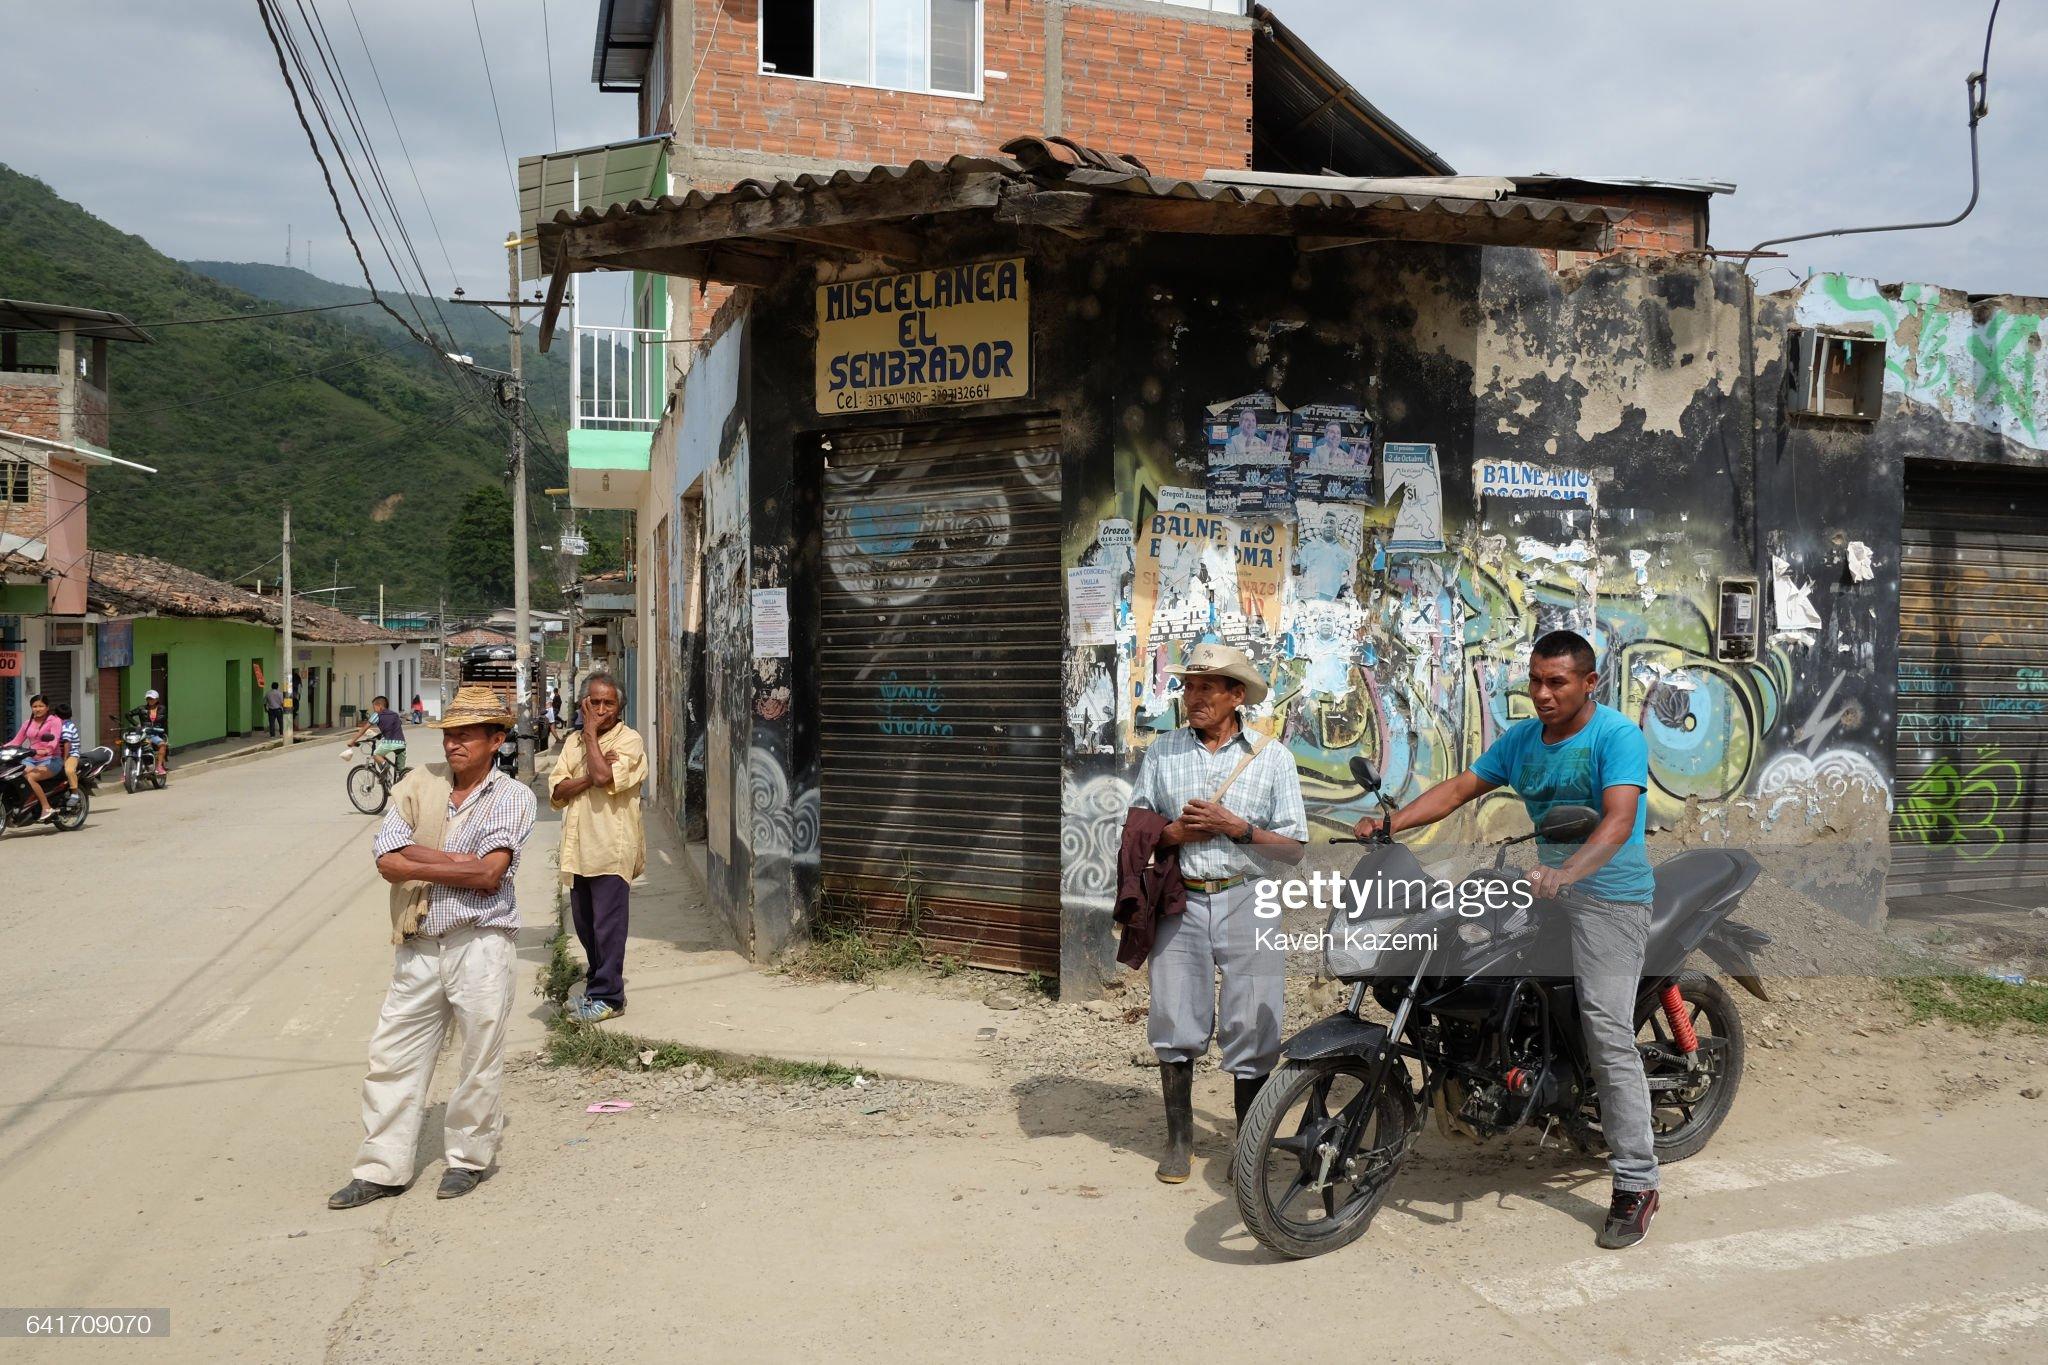 Around Colombia : Fotografía de noticias